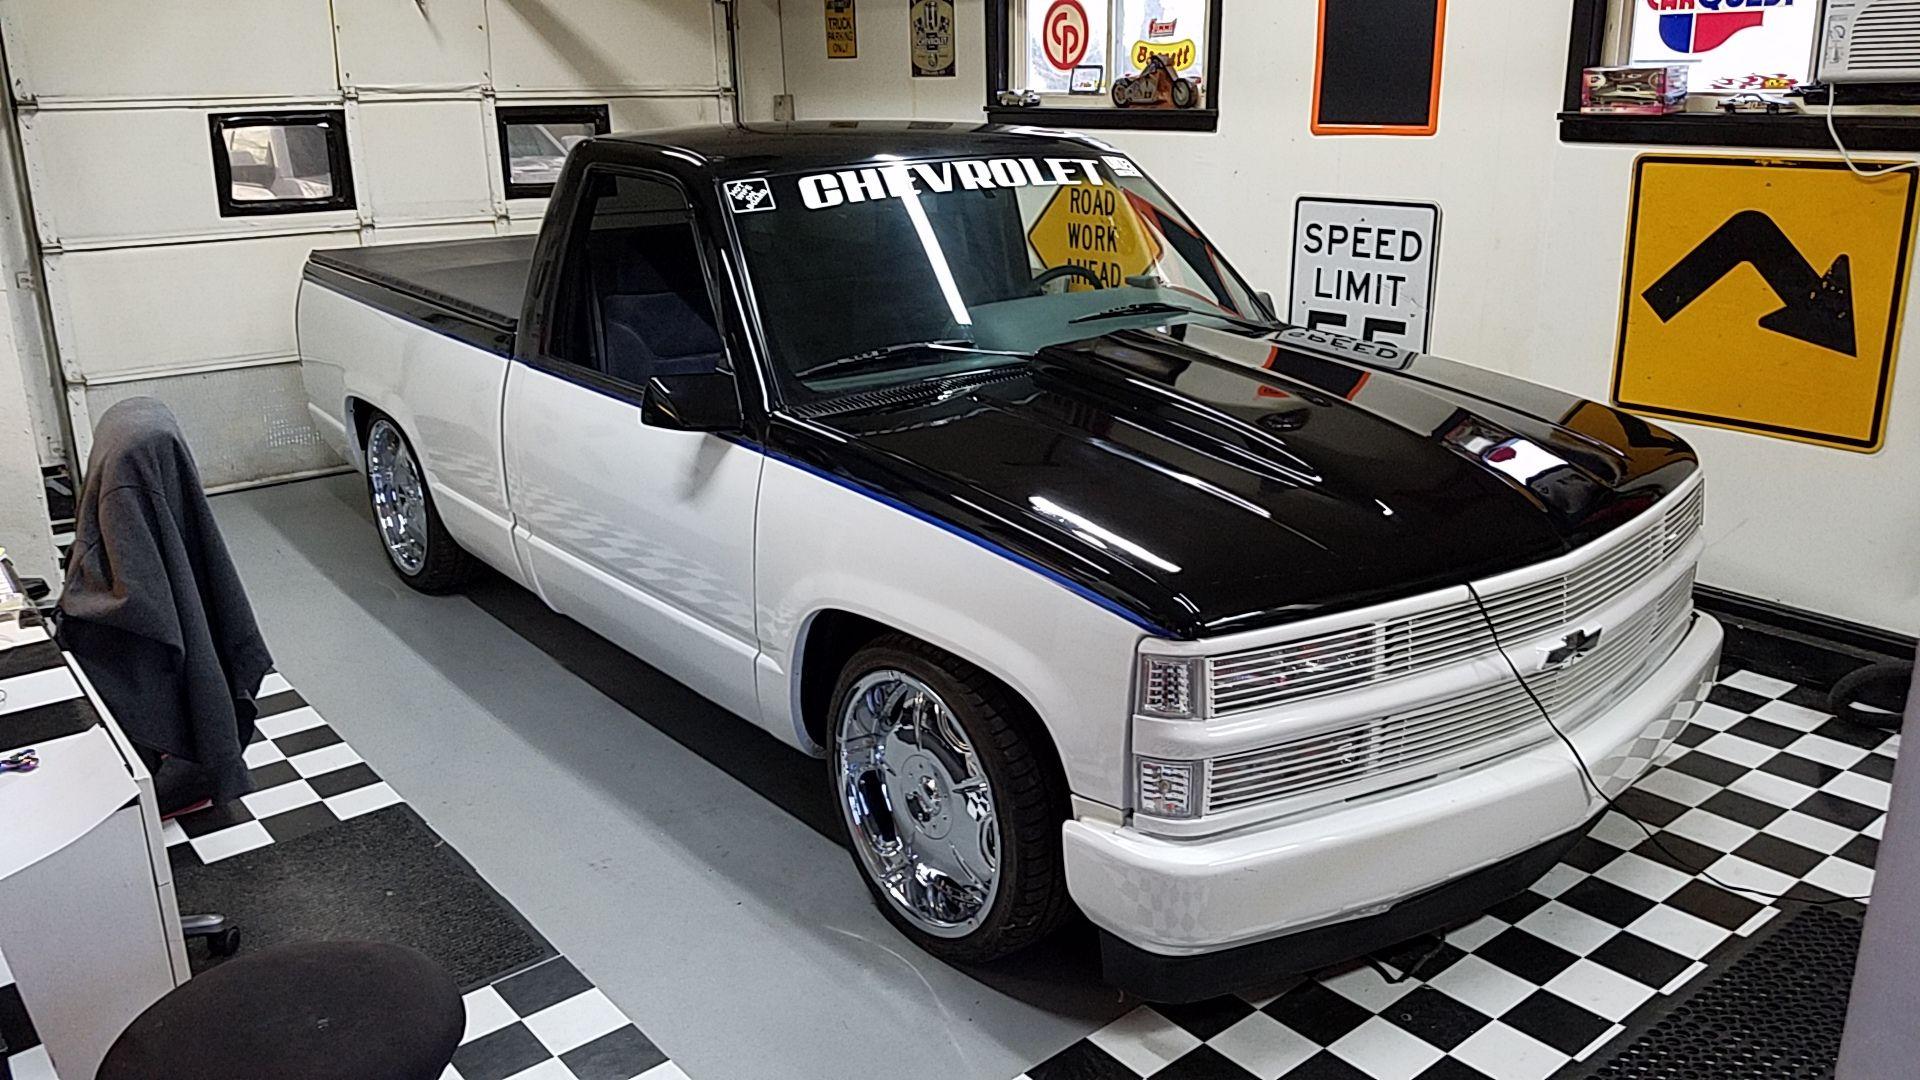 1995 C1500 Silverado in her garage (room). Chevy trucks